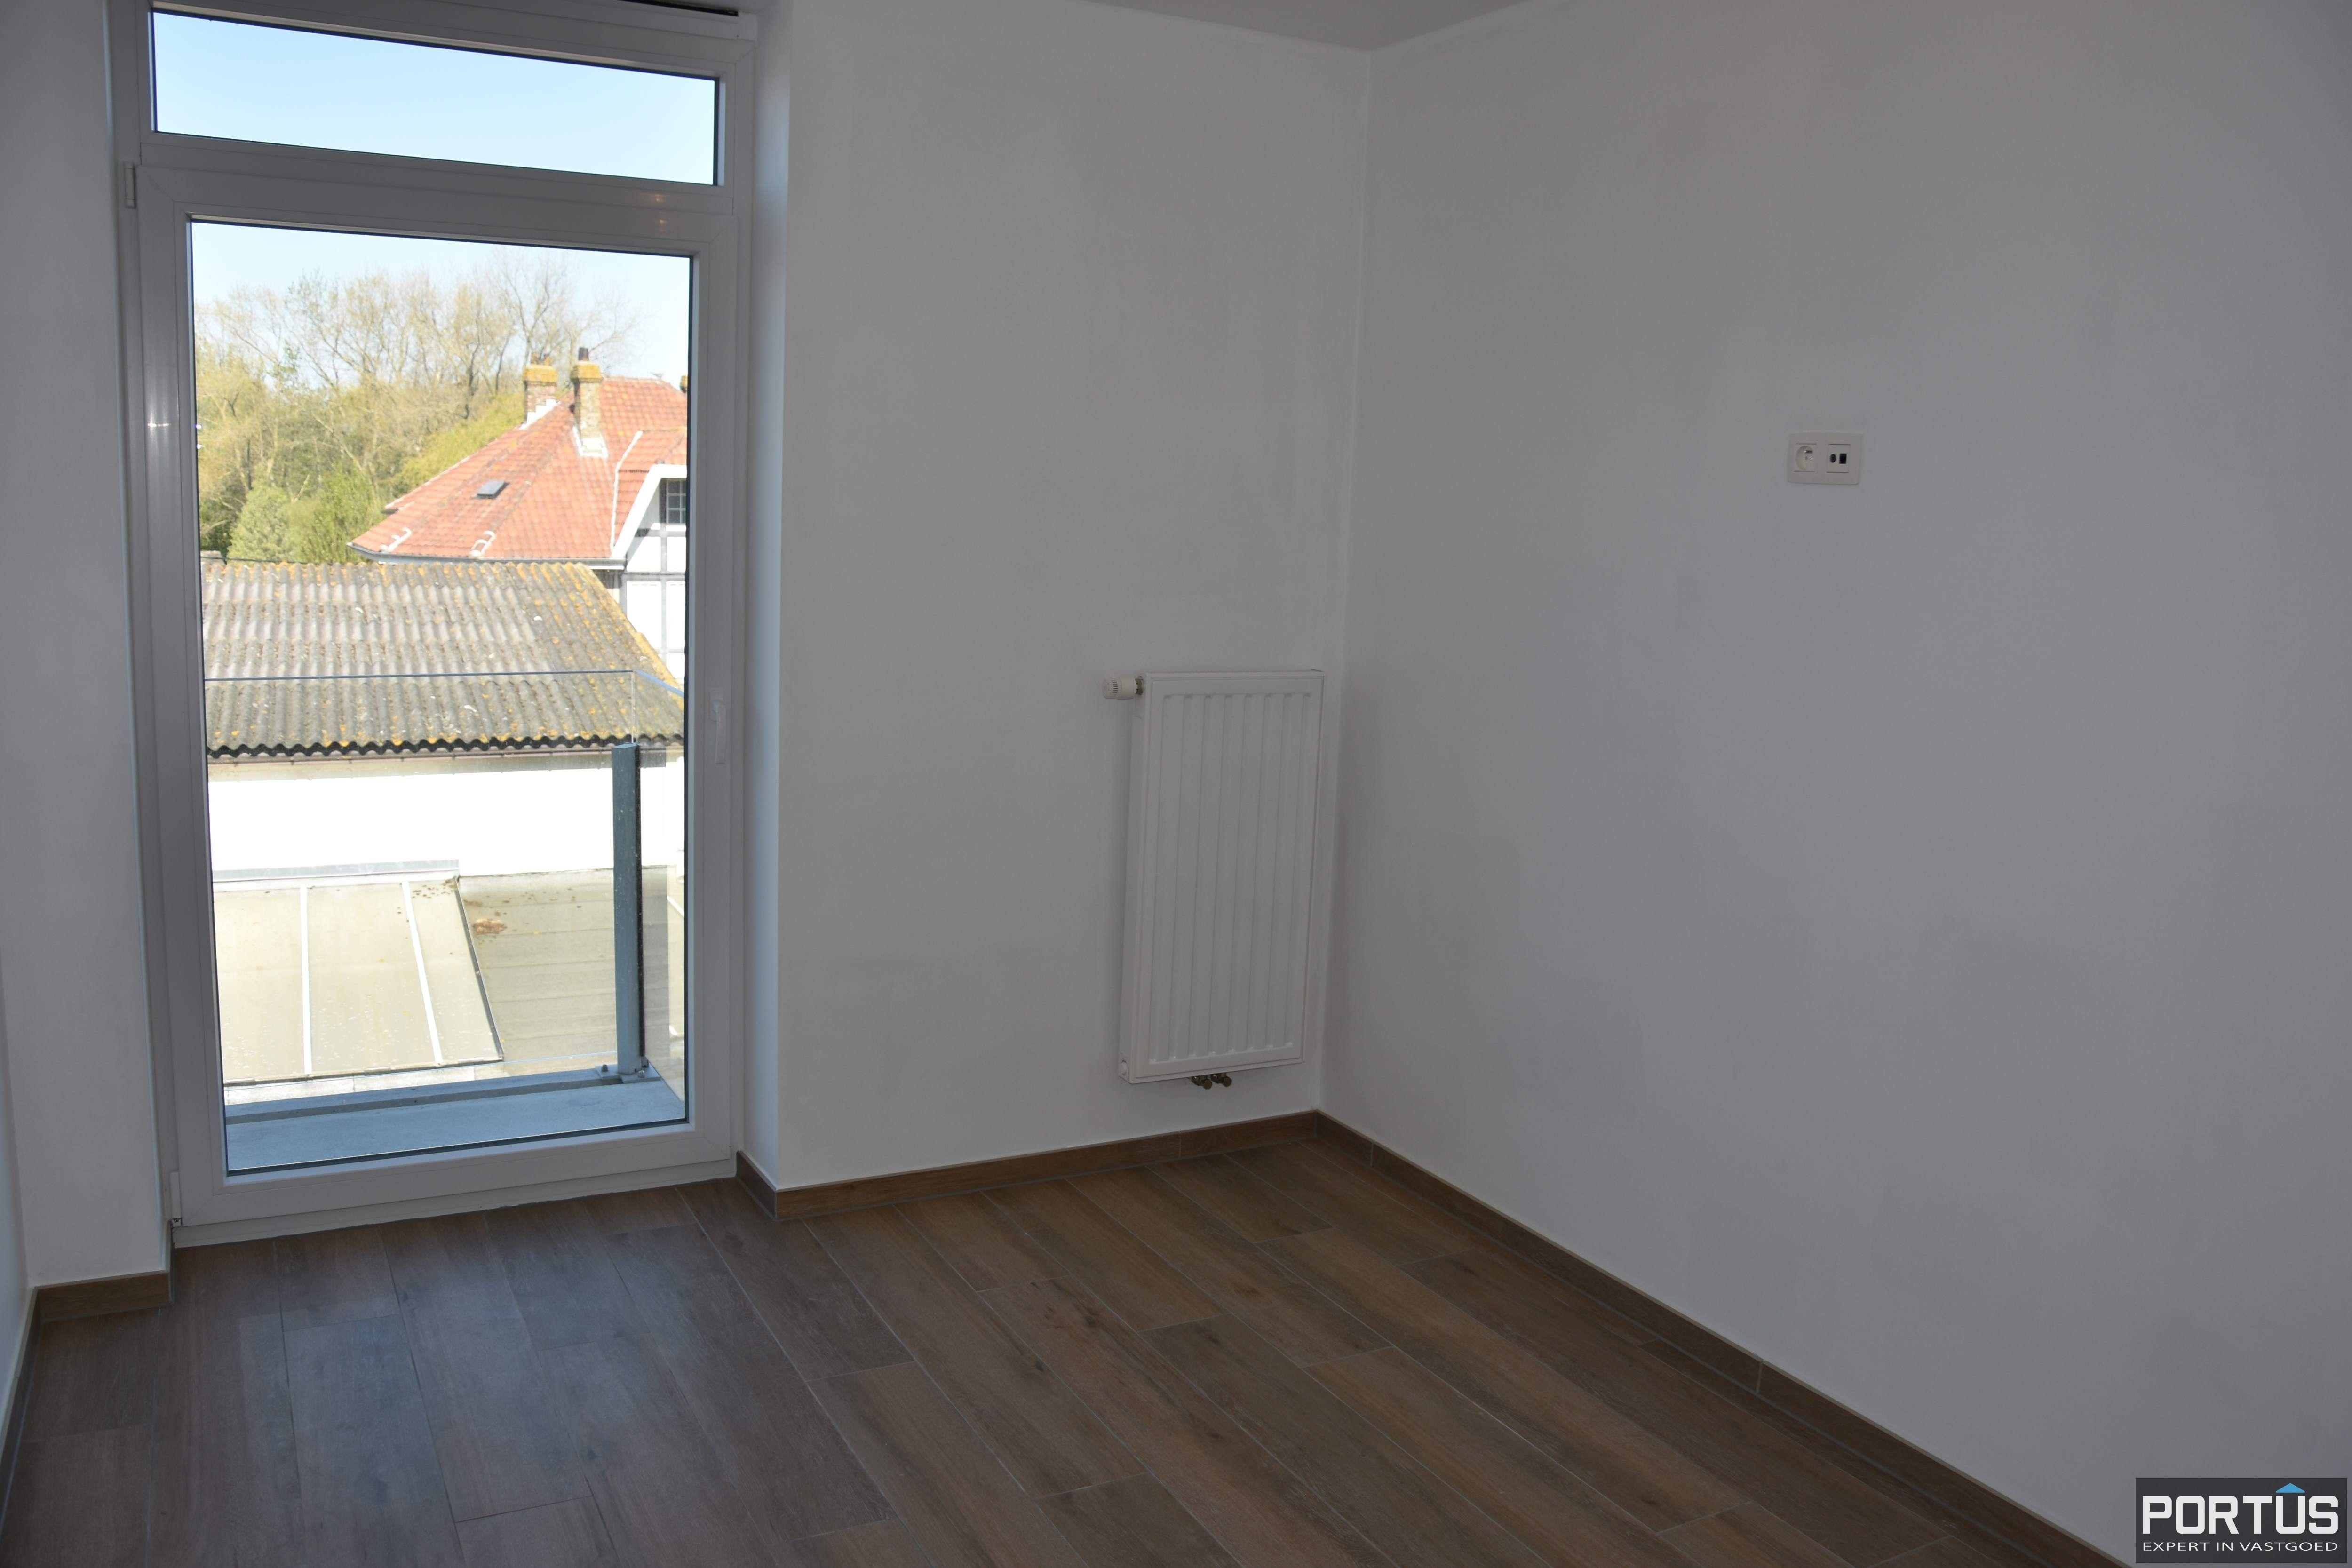 Nieuwbouwappartement met 1 slaapkamer te huur - 11326